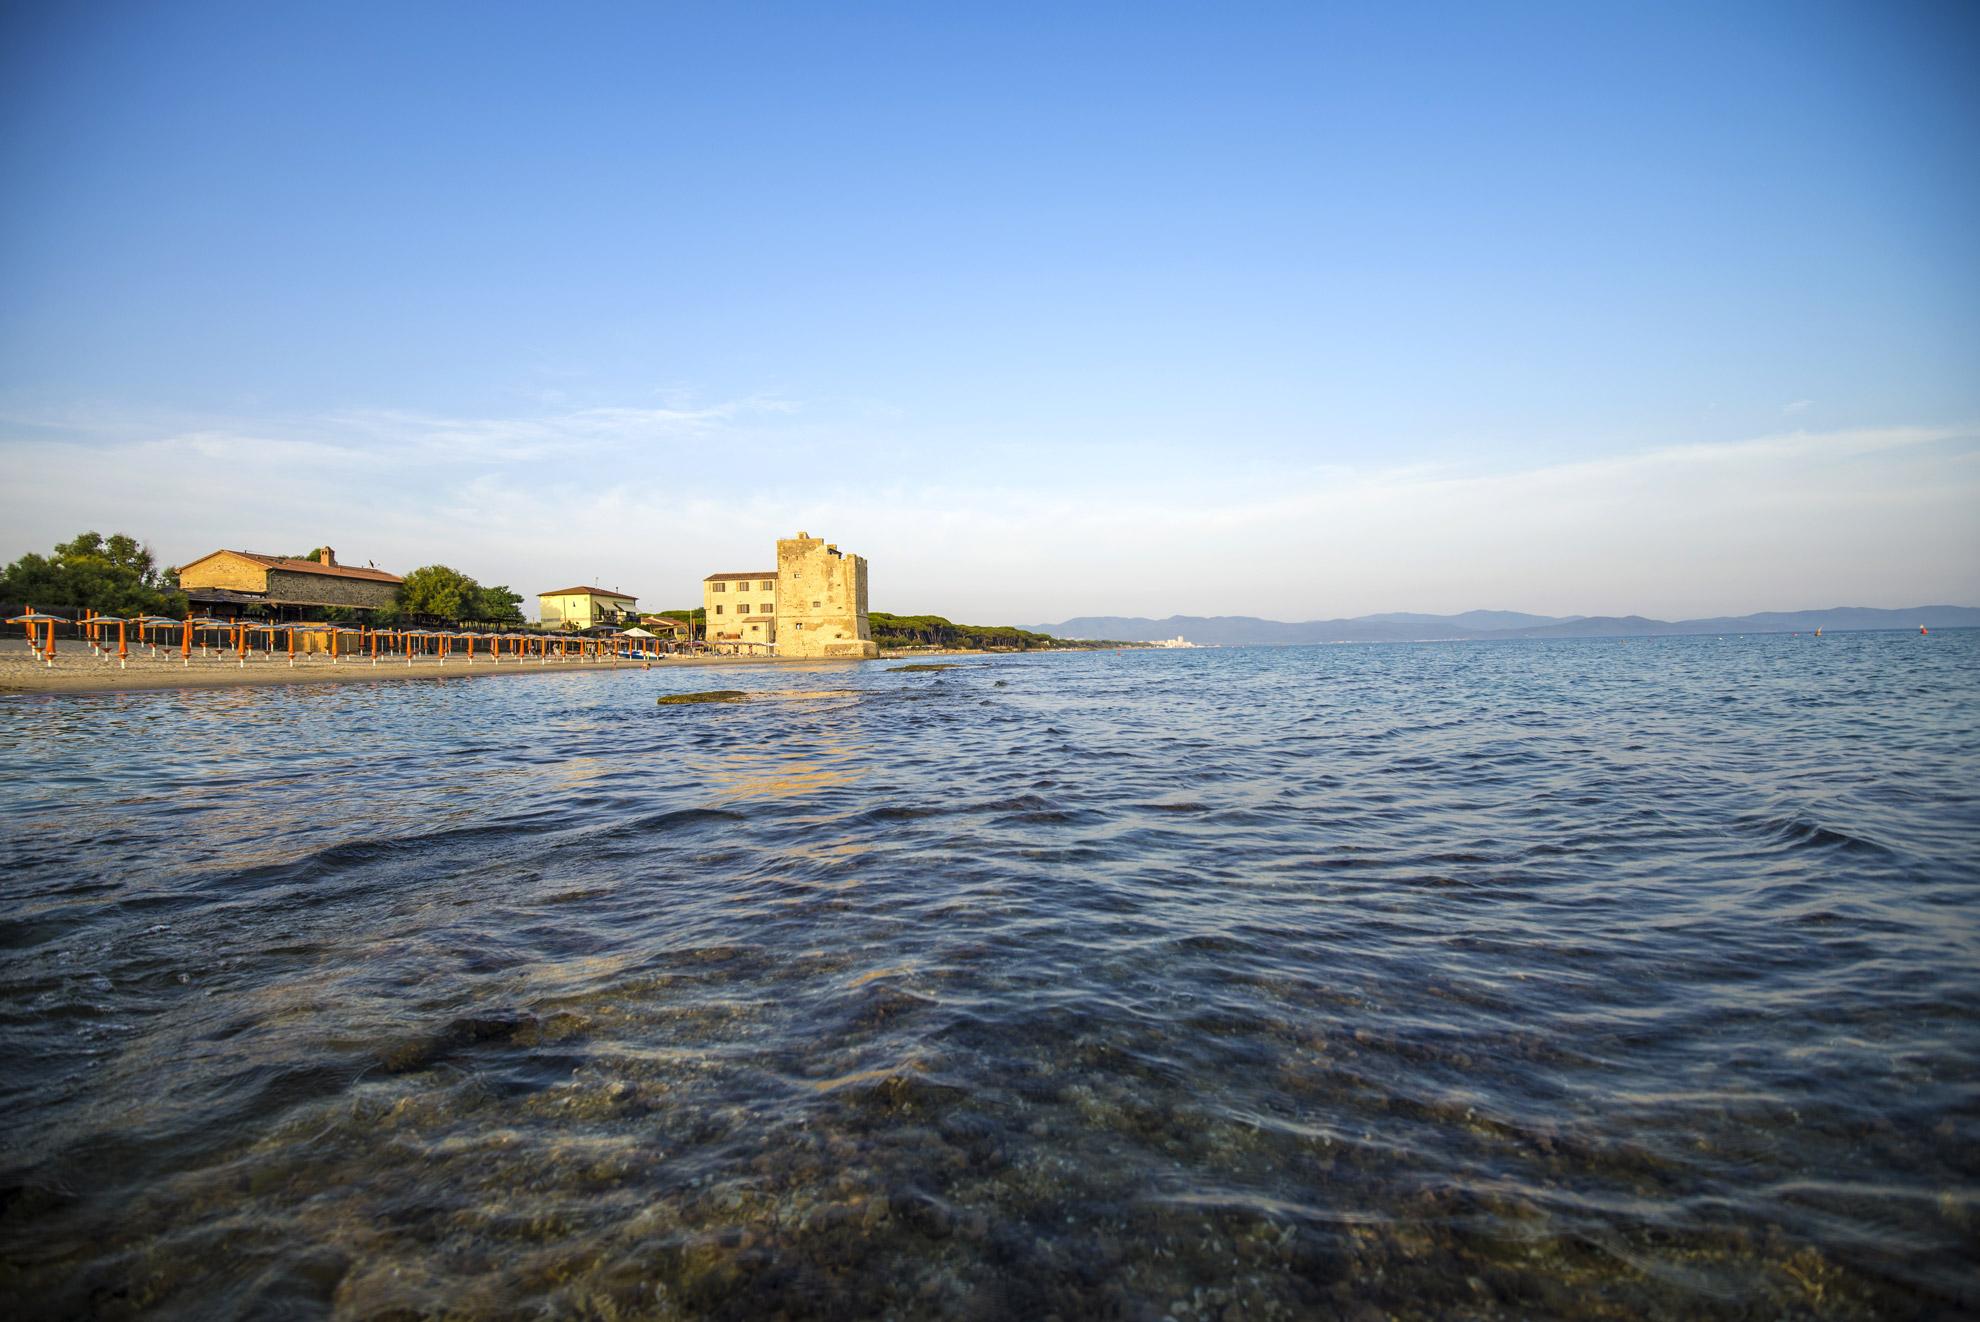 Natürliche Ferien in der südlichen Toskana